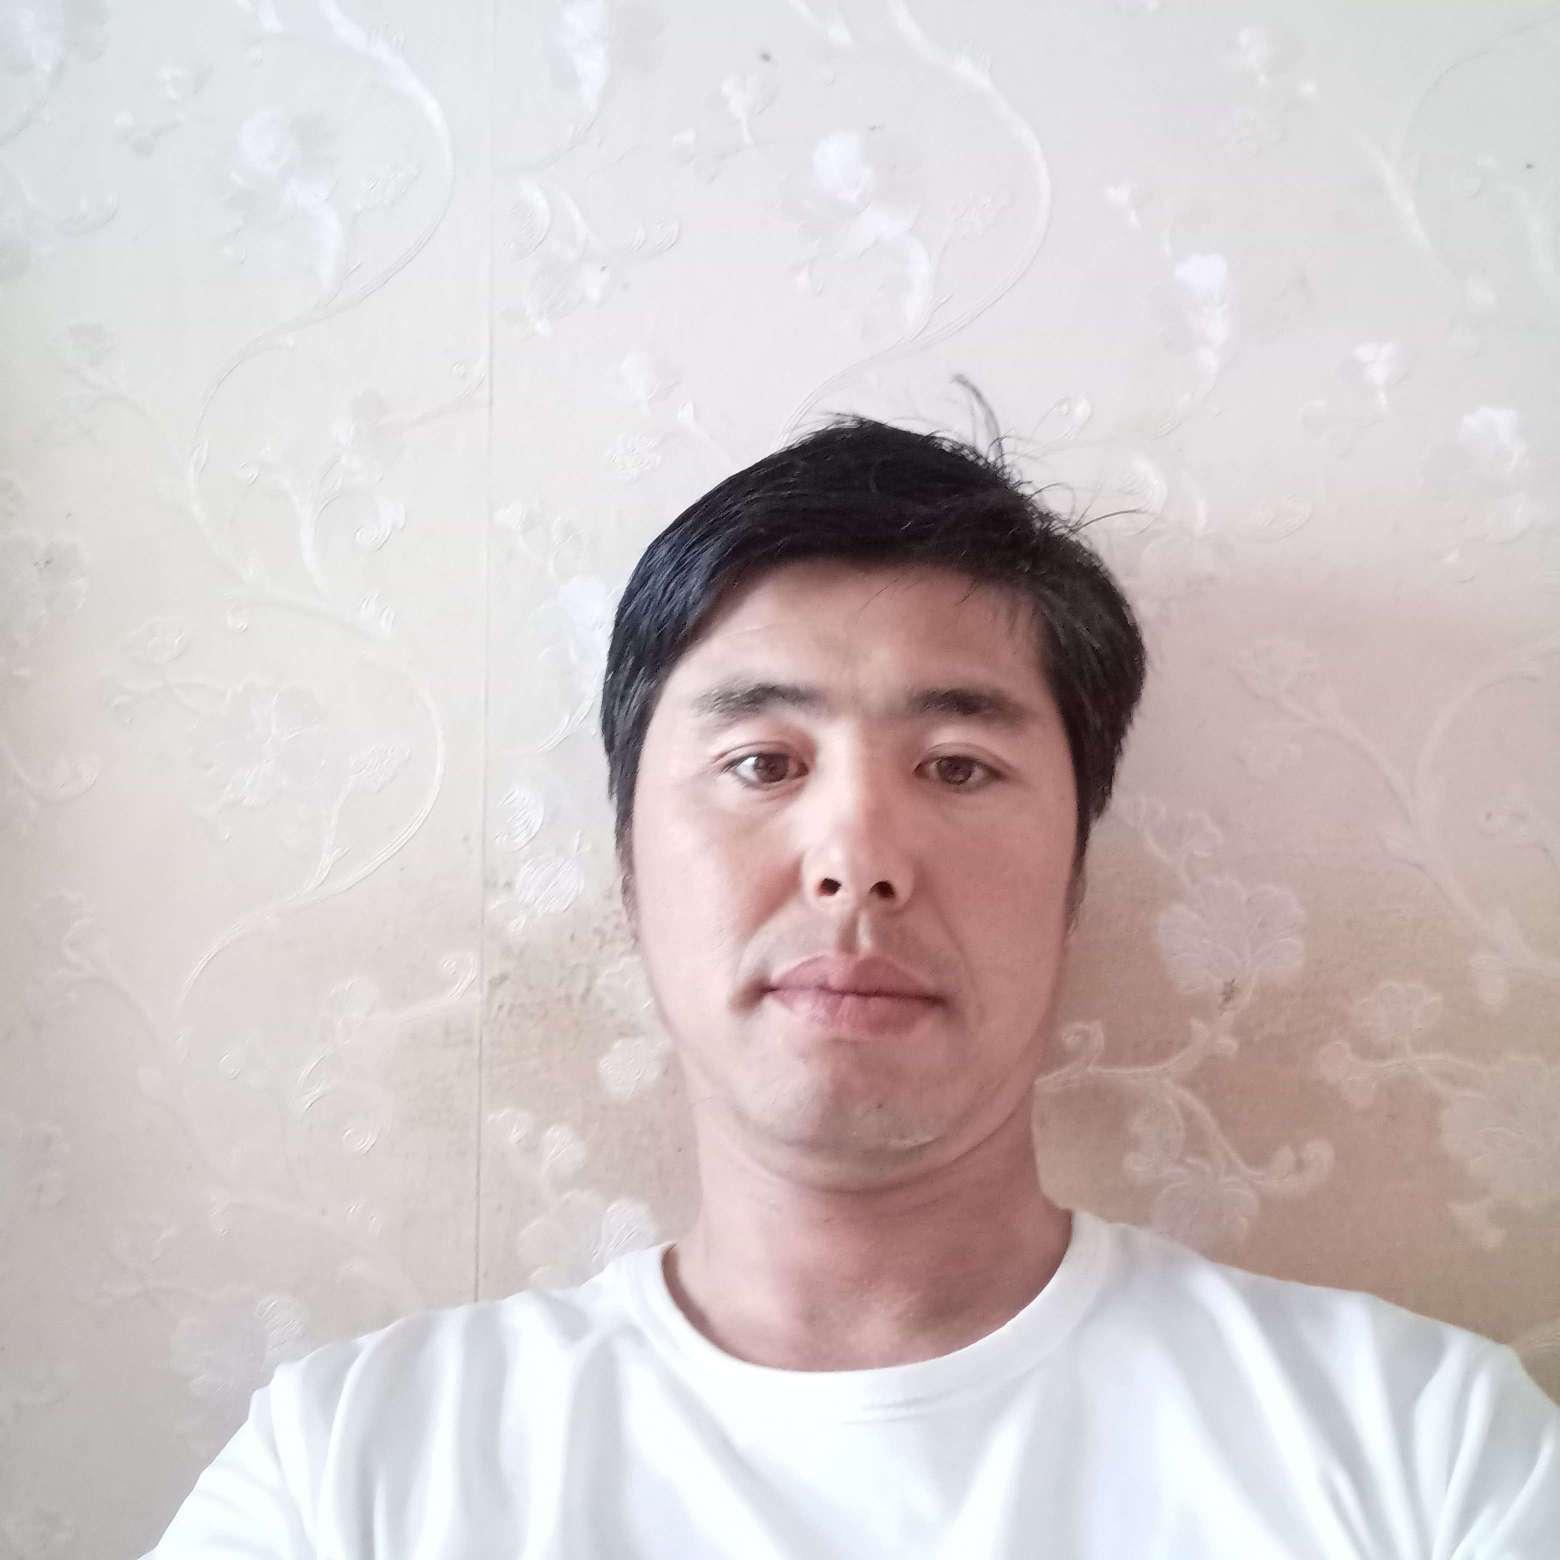 吴晓祥的照片